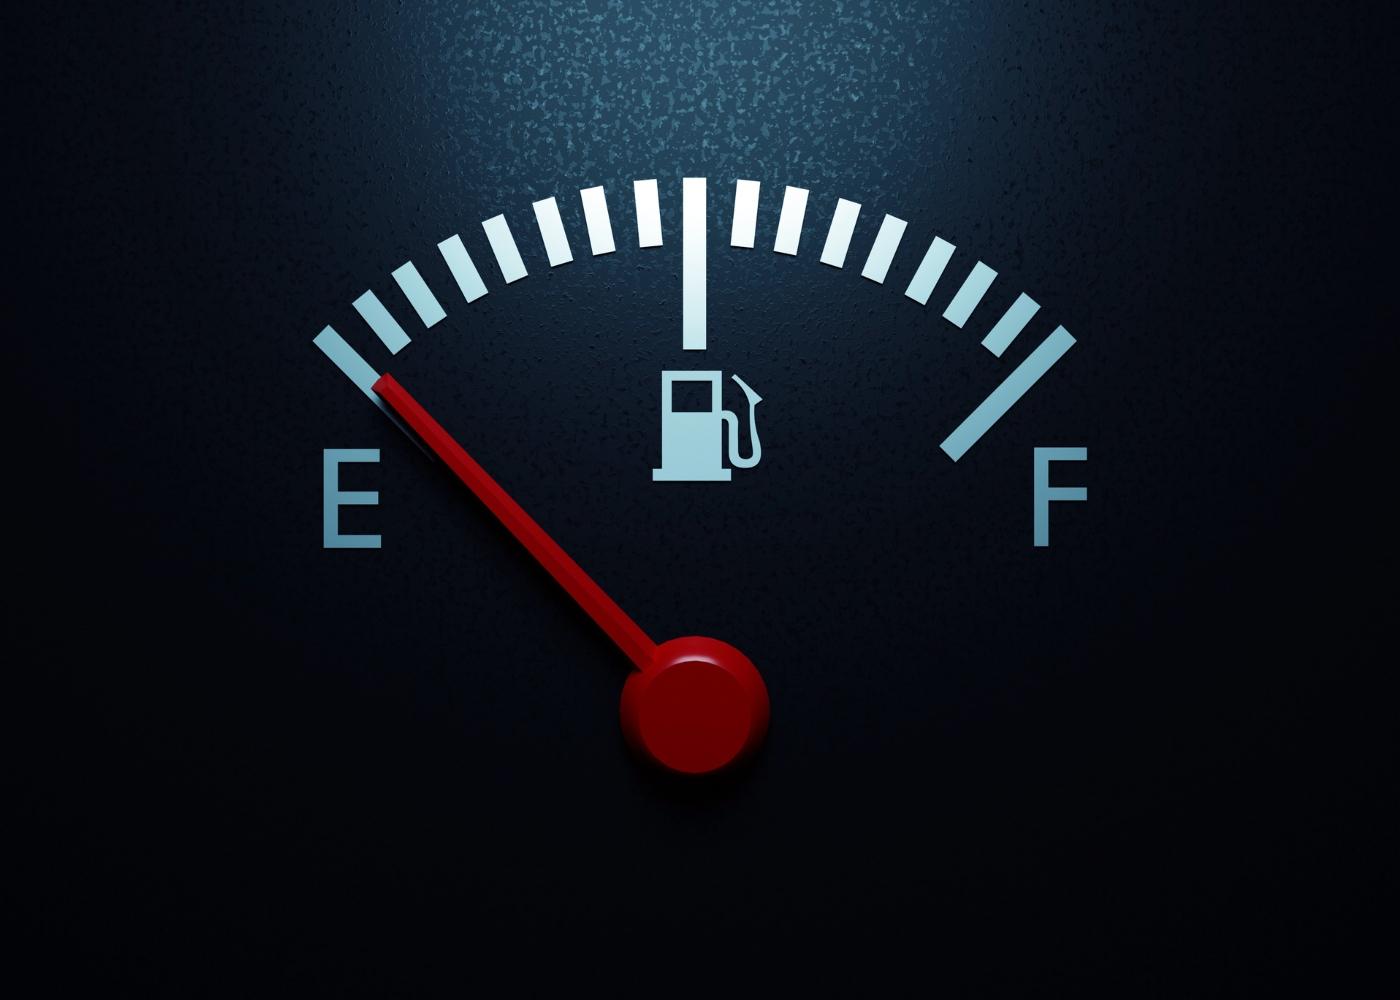 imagem de mostrador do nível de combustível